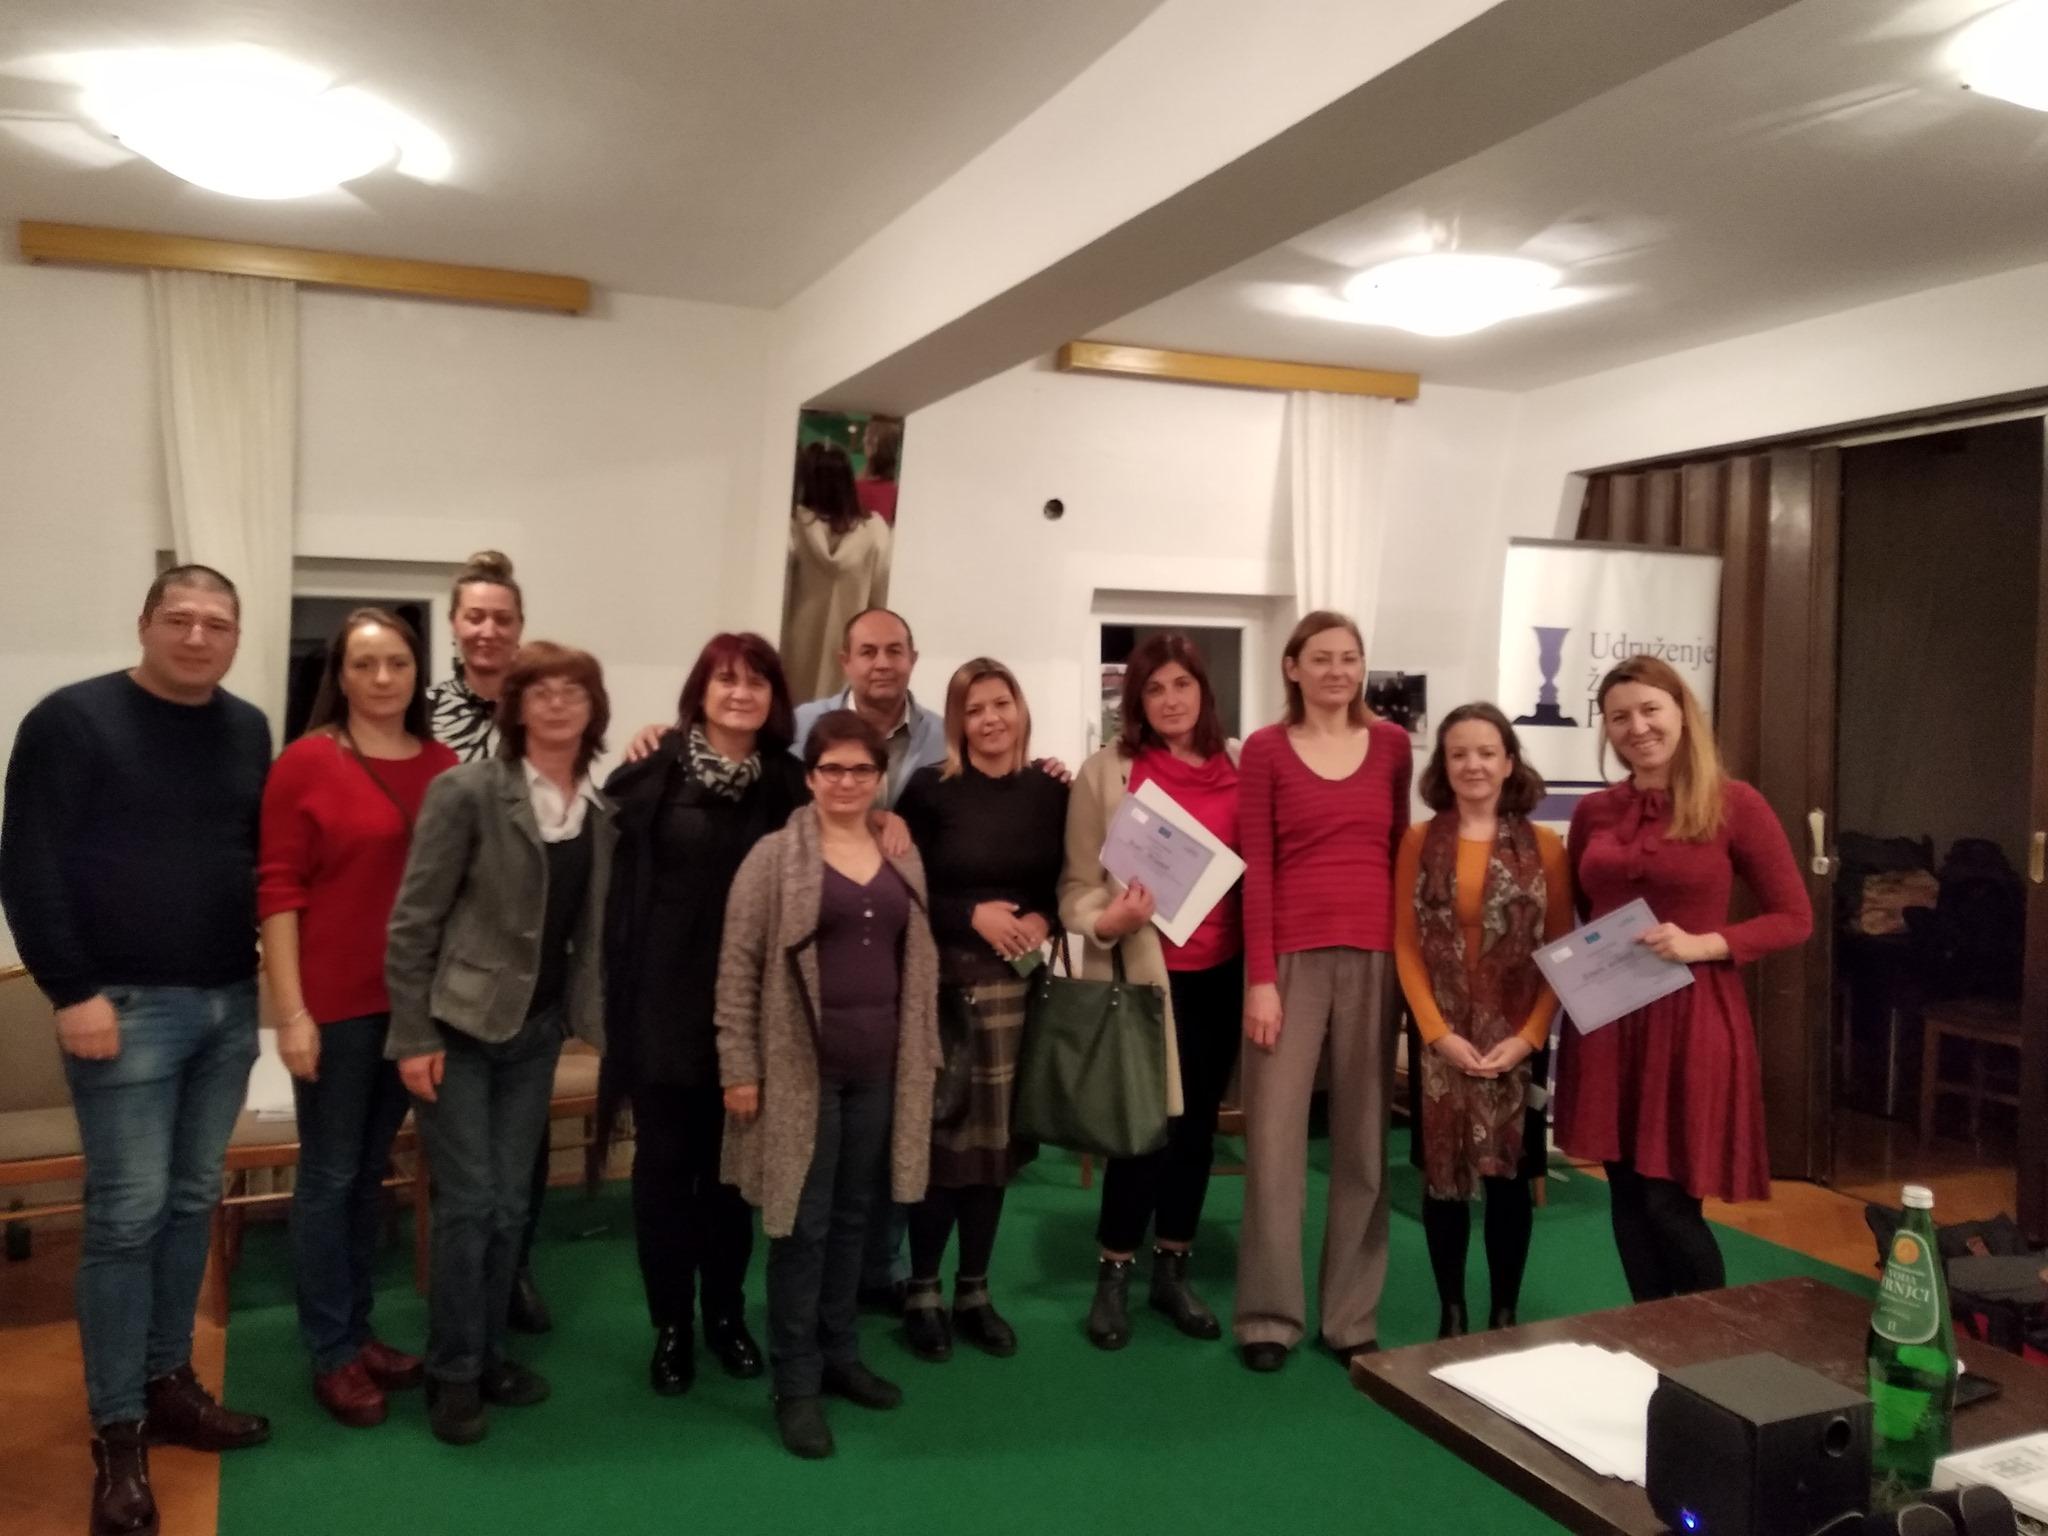 Udruzenje zena Pescanik - Trening za trenere i trenerice o nasilju u porodici prema višestruko diskriminisanim ženama